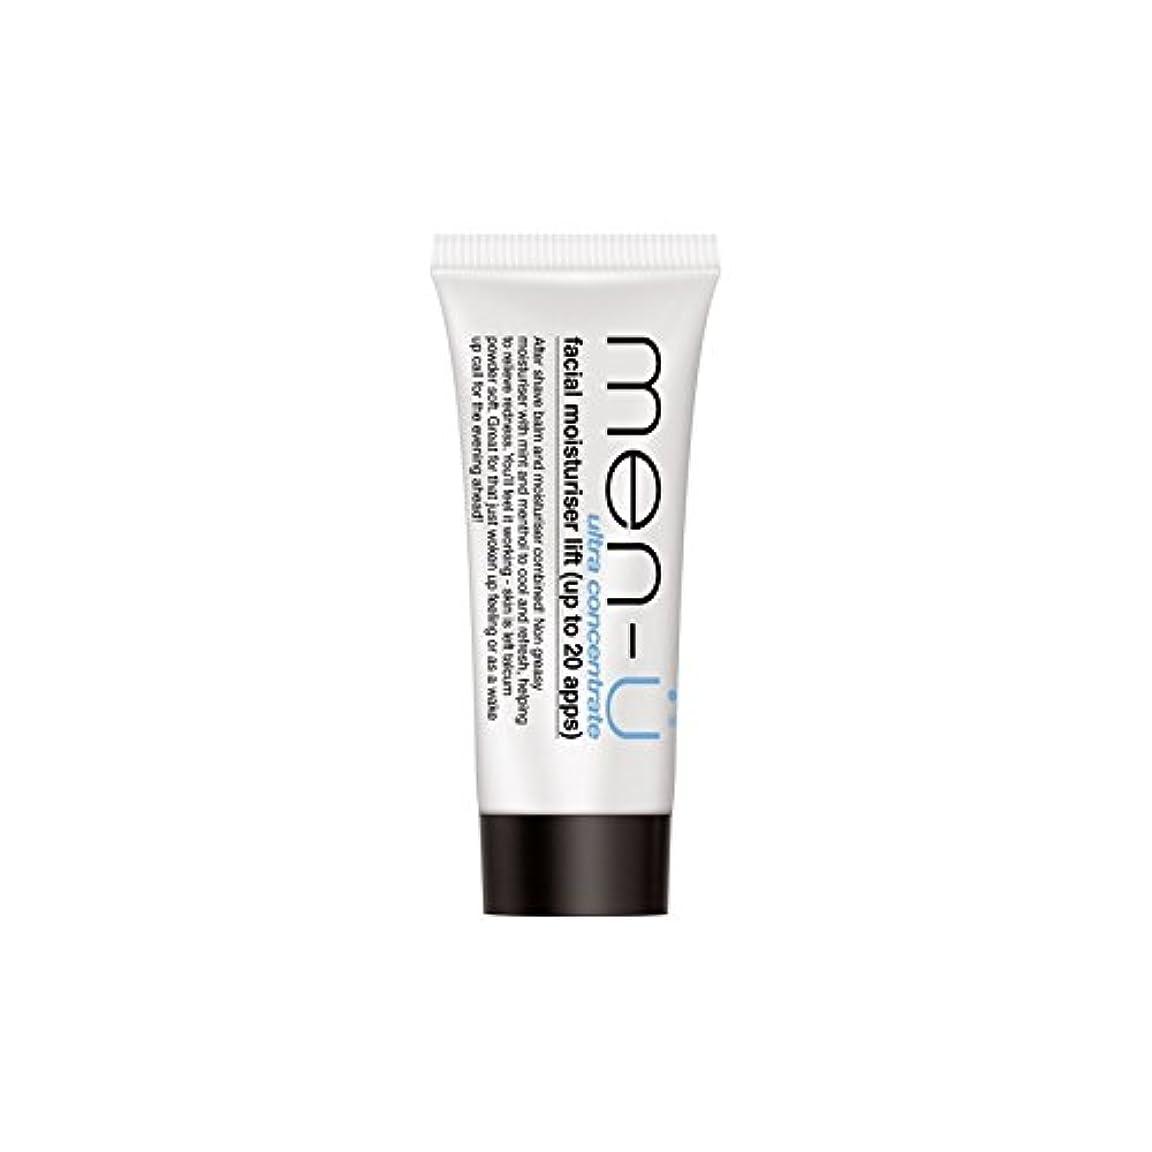 頼る規範私の男性-のバディ顔の保湿剤のリフトチューブ(15ミリリットル) x4 - Men-? Buddy Facial Moisturiser Lift Tube (15ml) (Pack of 4) [並行輸入品]